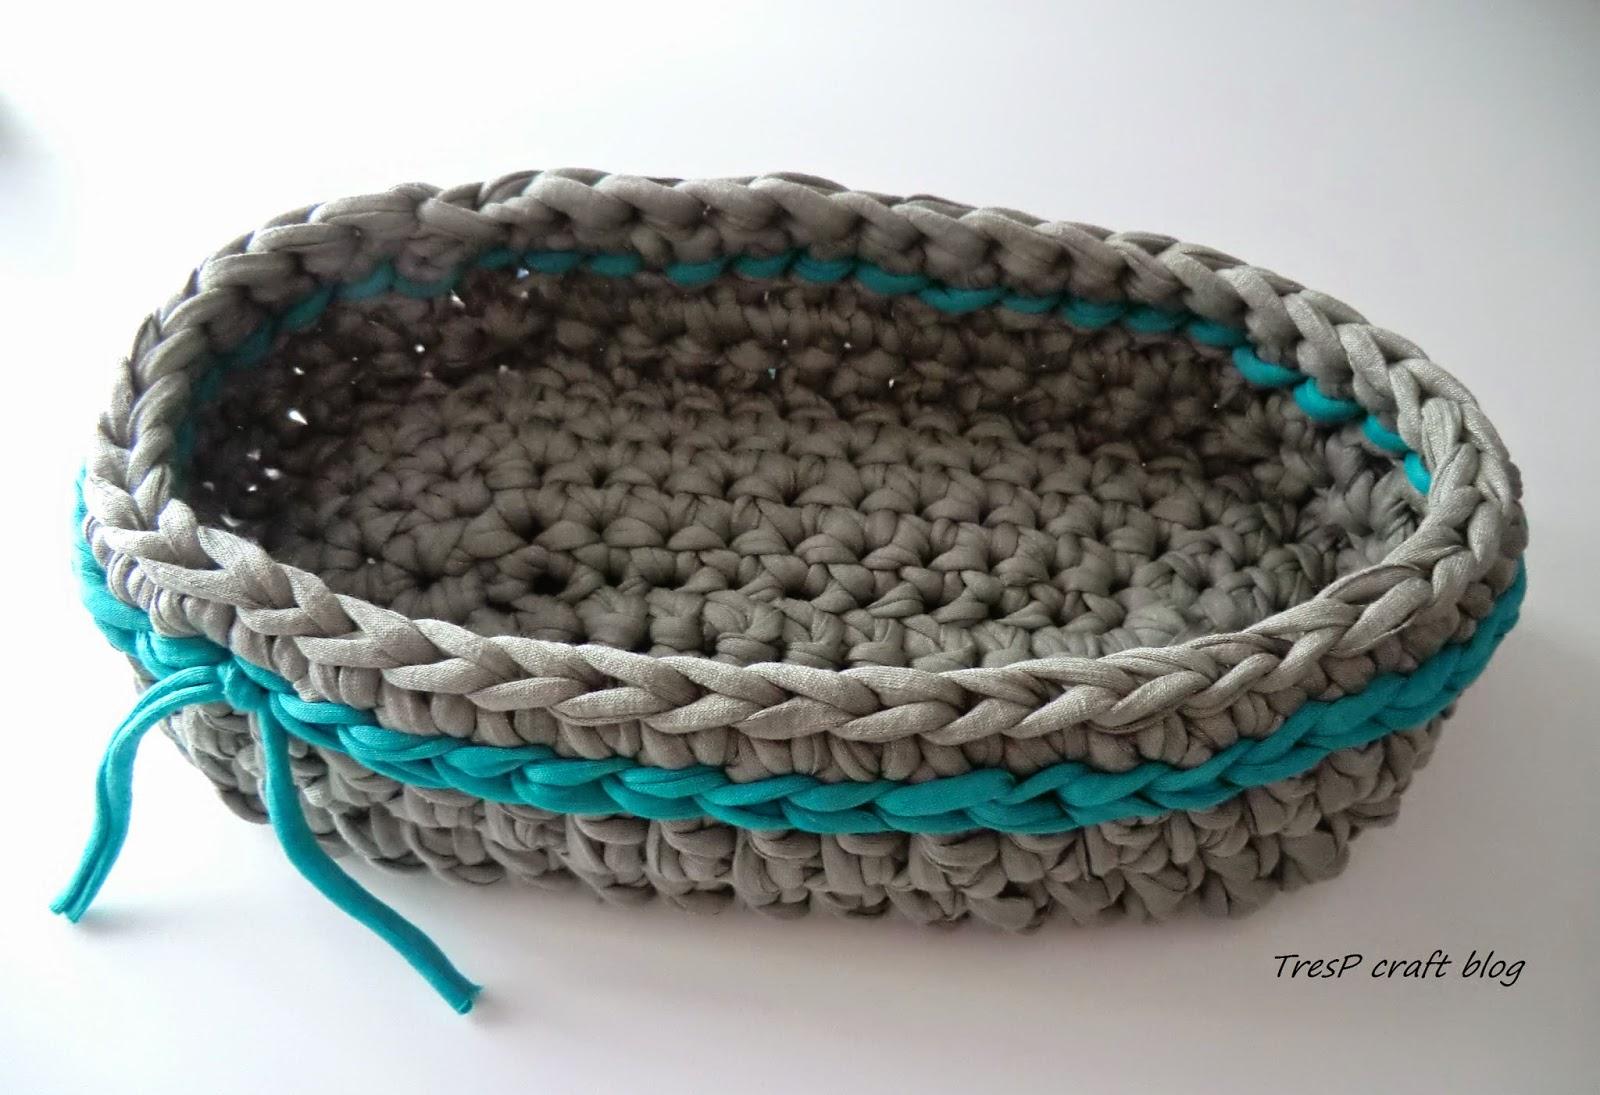 Tresp craft blog cesta de trapillo ovalada - Cosas de trapillo ...